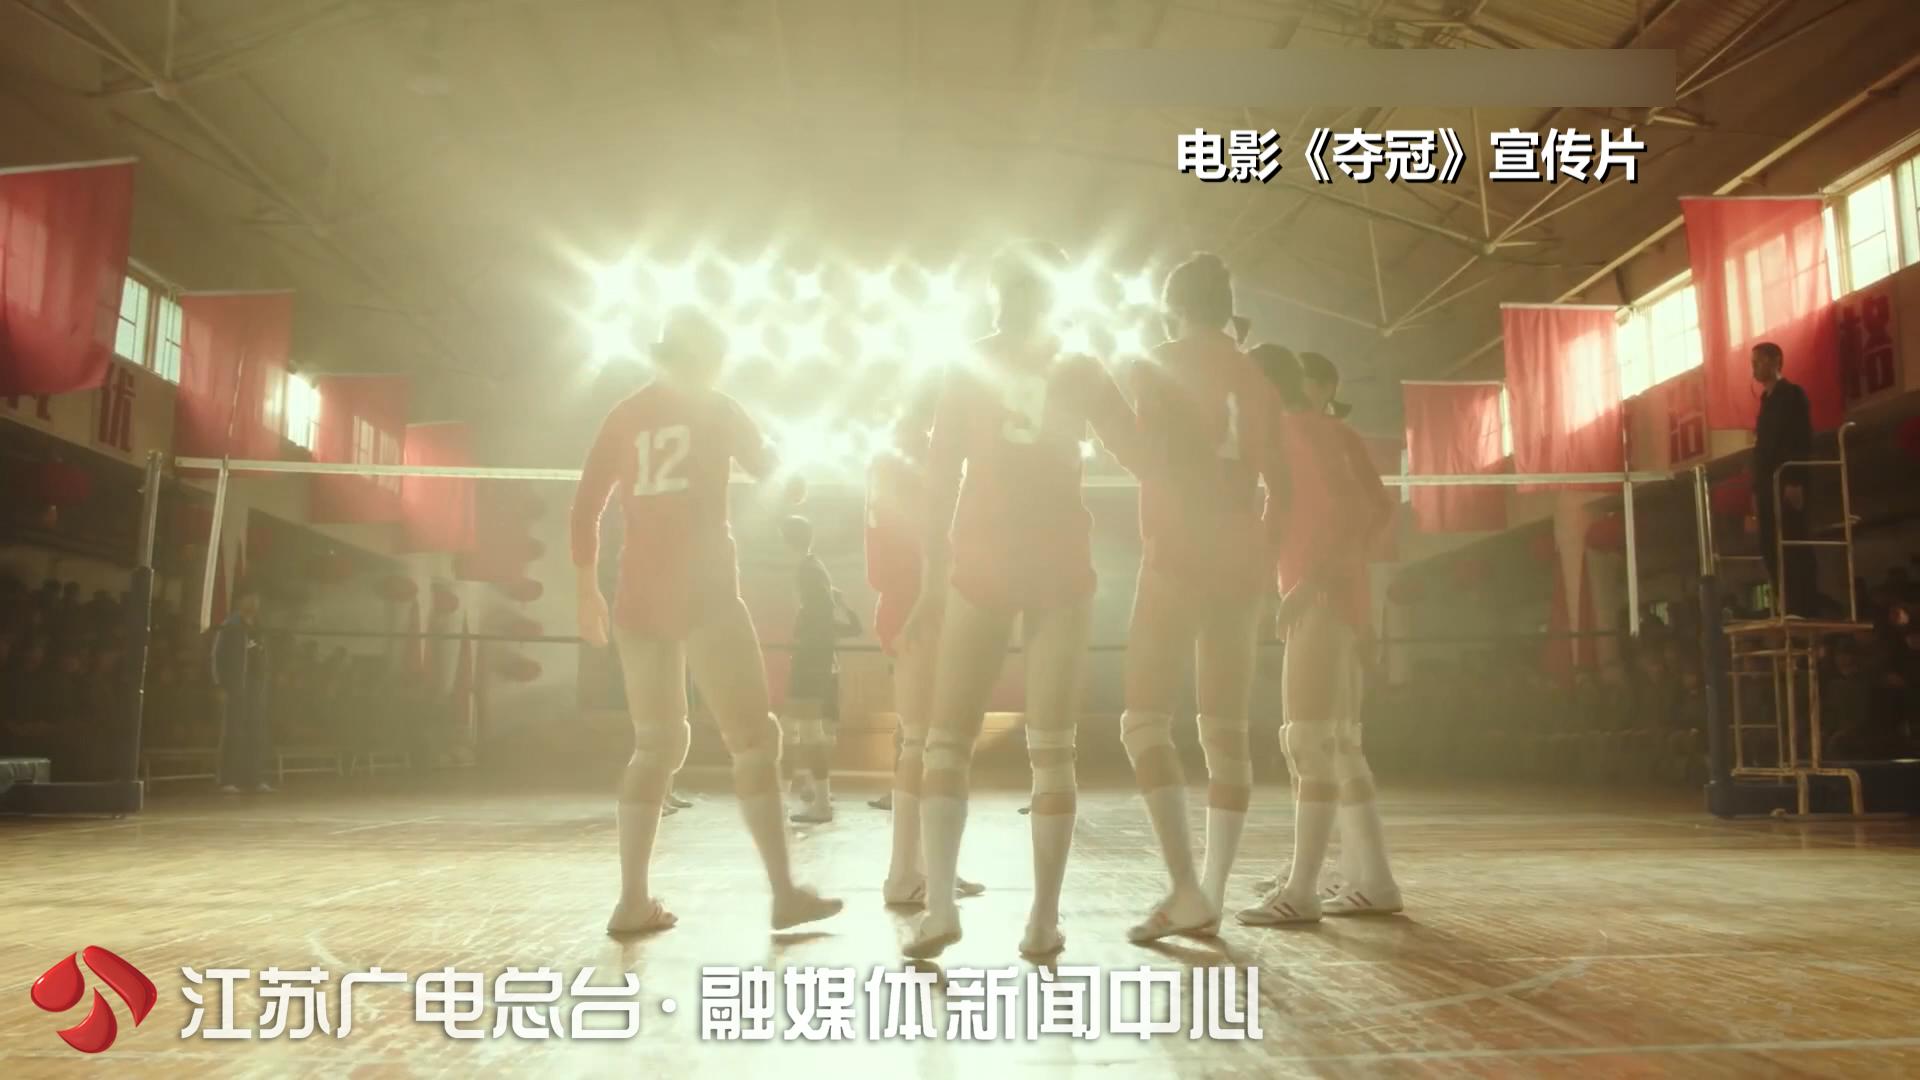 女排精神激励着她们!《夺冠》中的三位女将来自南京大学